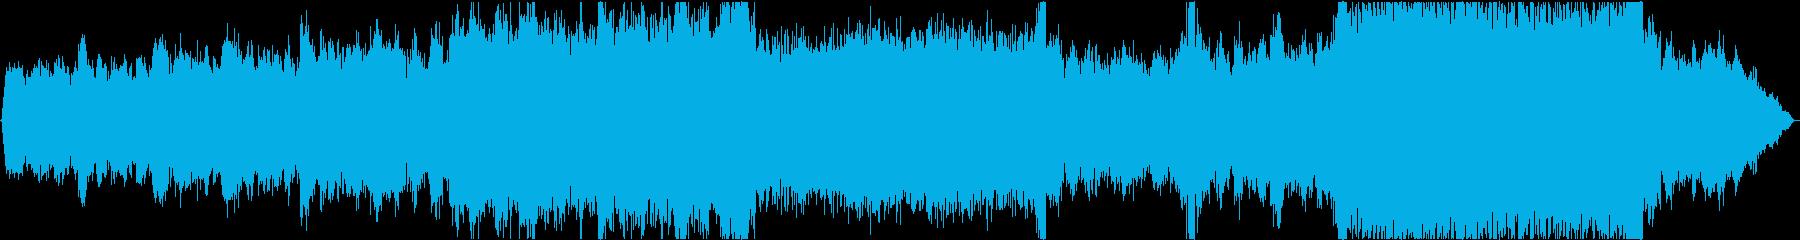 シンセによるテクスチャー系楽曲の再生済みの波形